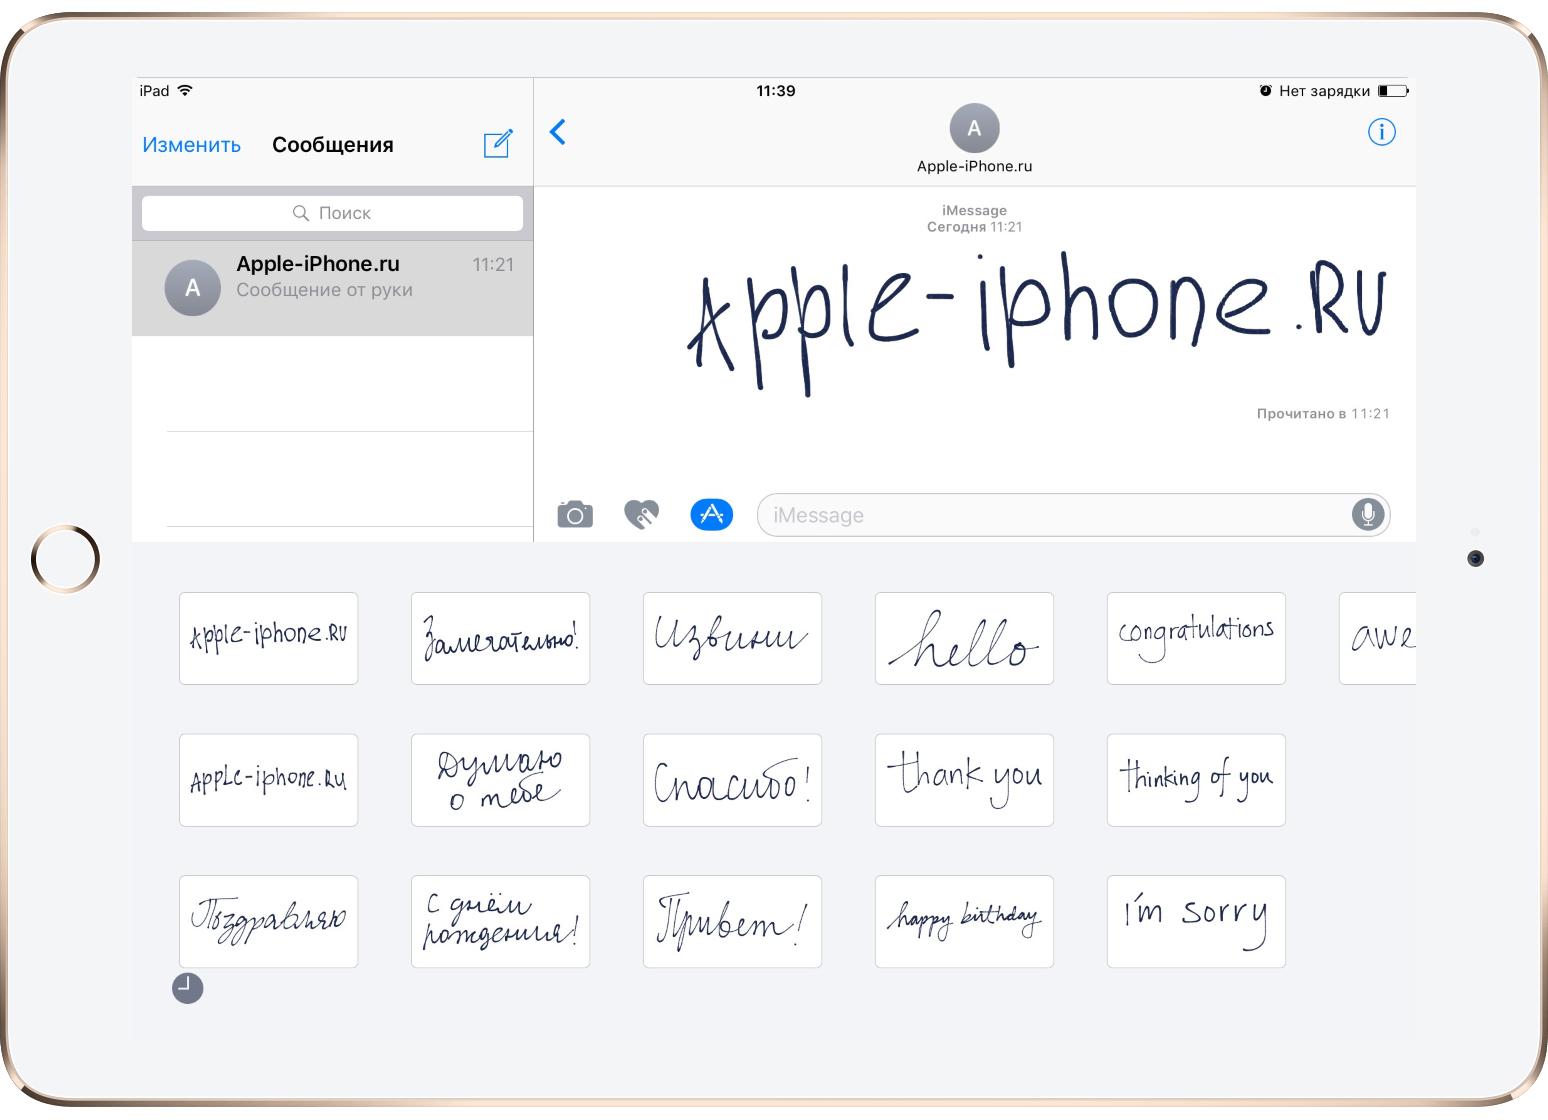 Как отправлять рукописные сообщения наiPhone иiPad